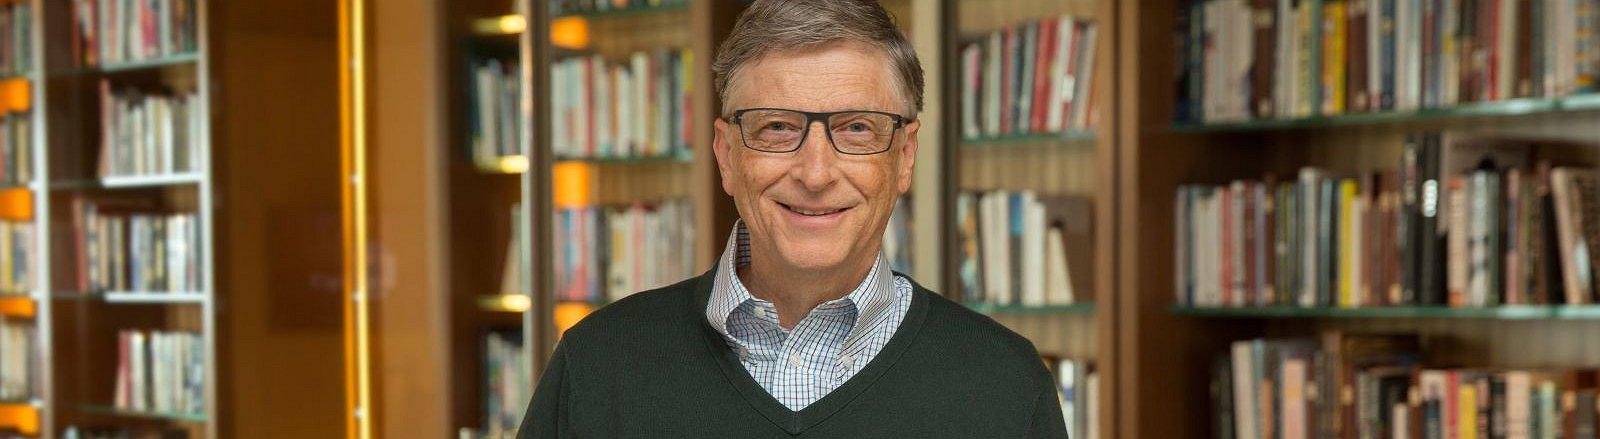 Los 5 libros recomendados por Bill Gates para este verano